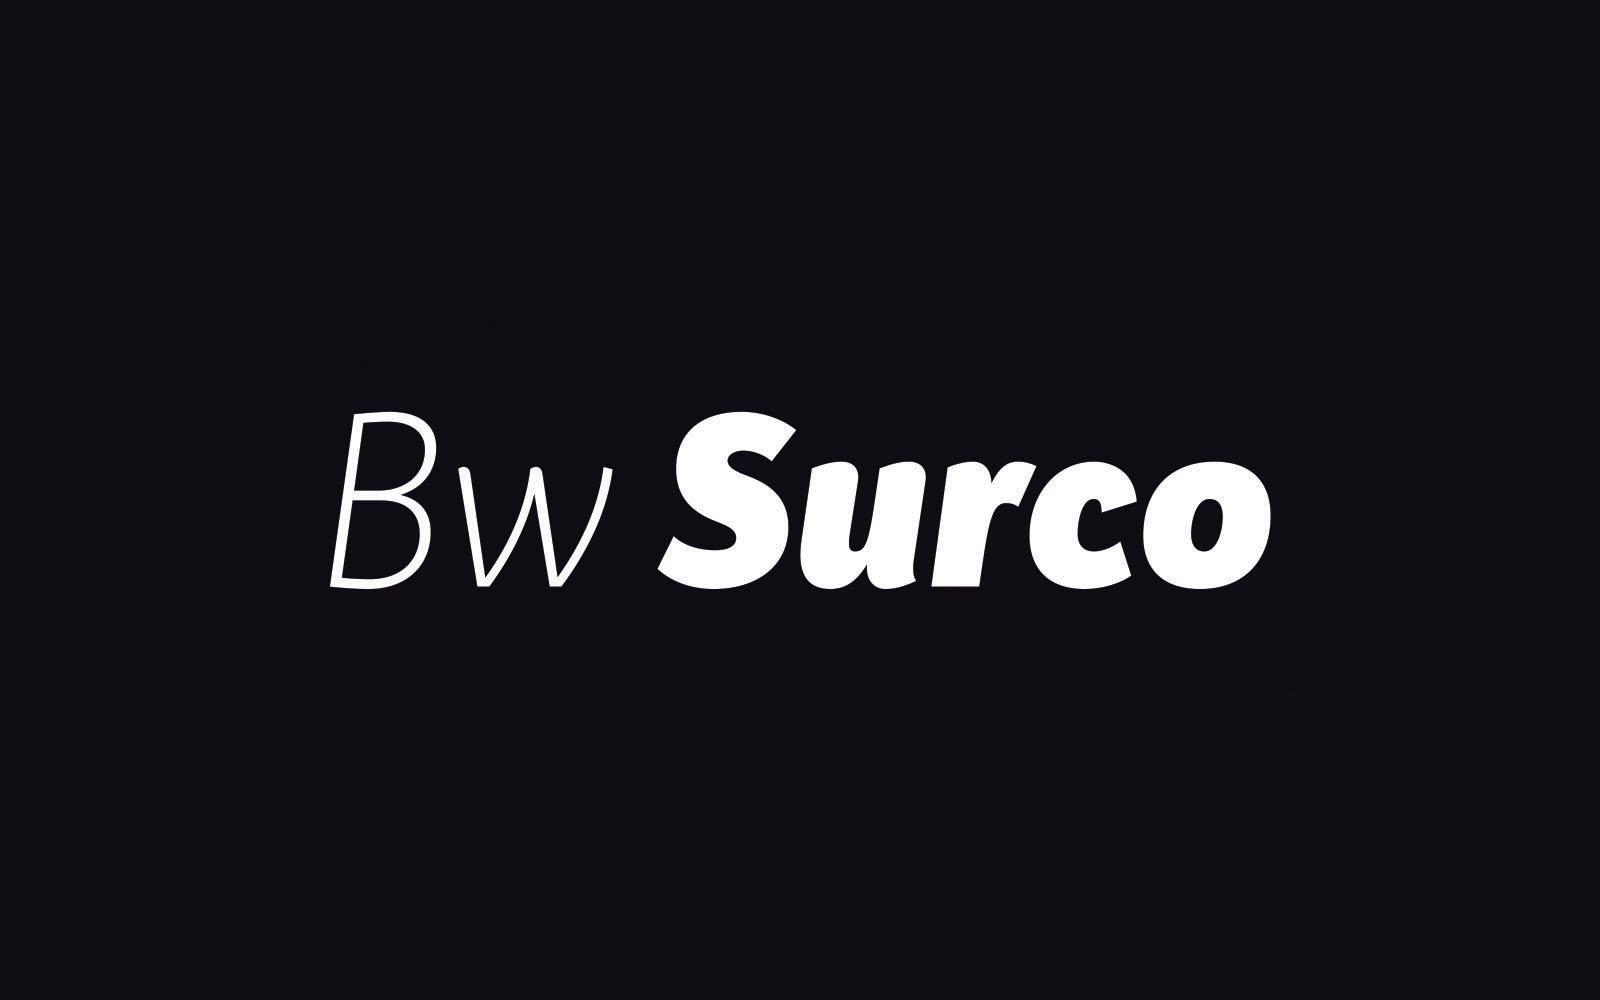 Bw Surco Font